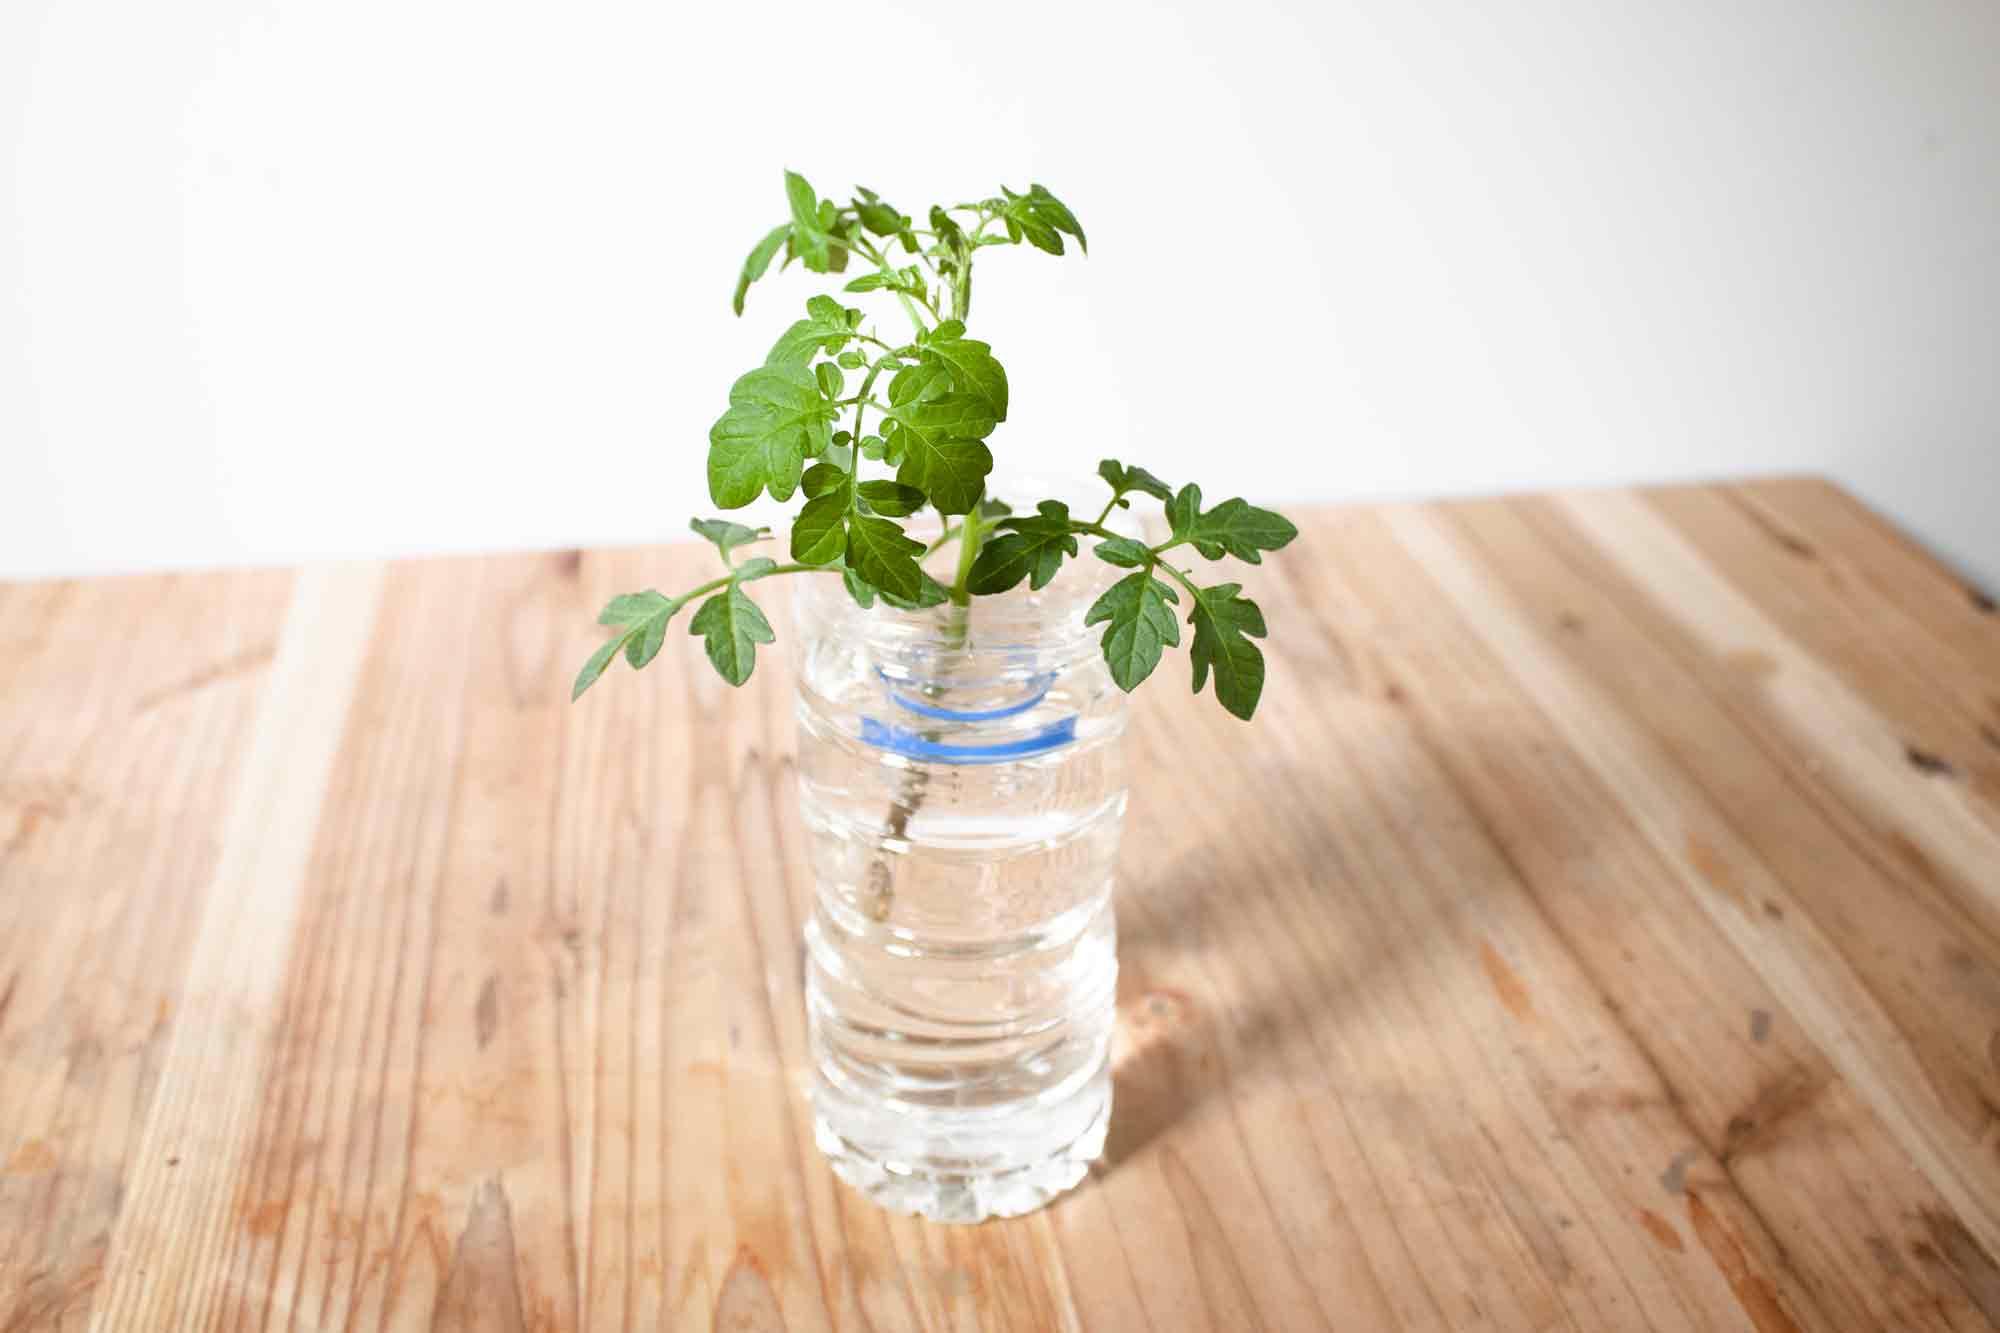 ペットボトルに入れた水耕栽培で育てるミニトマト